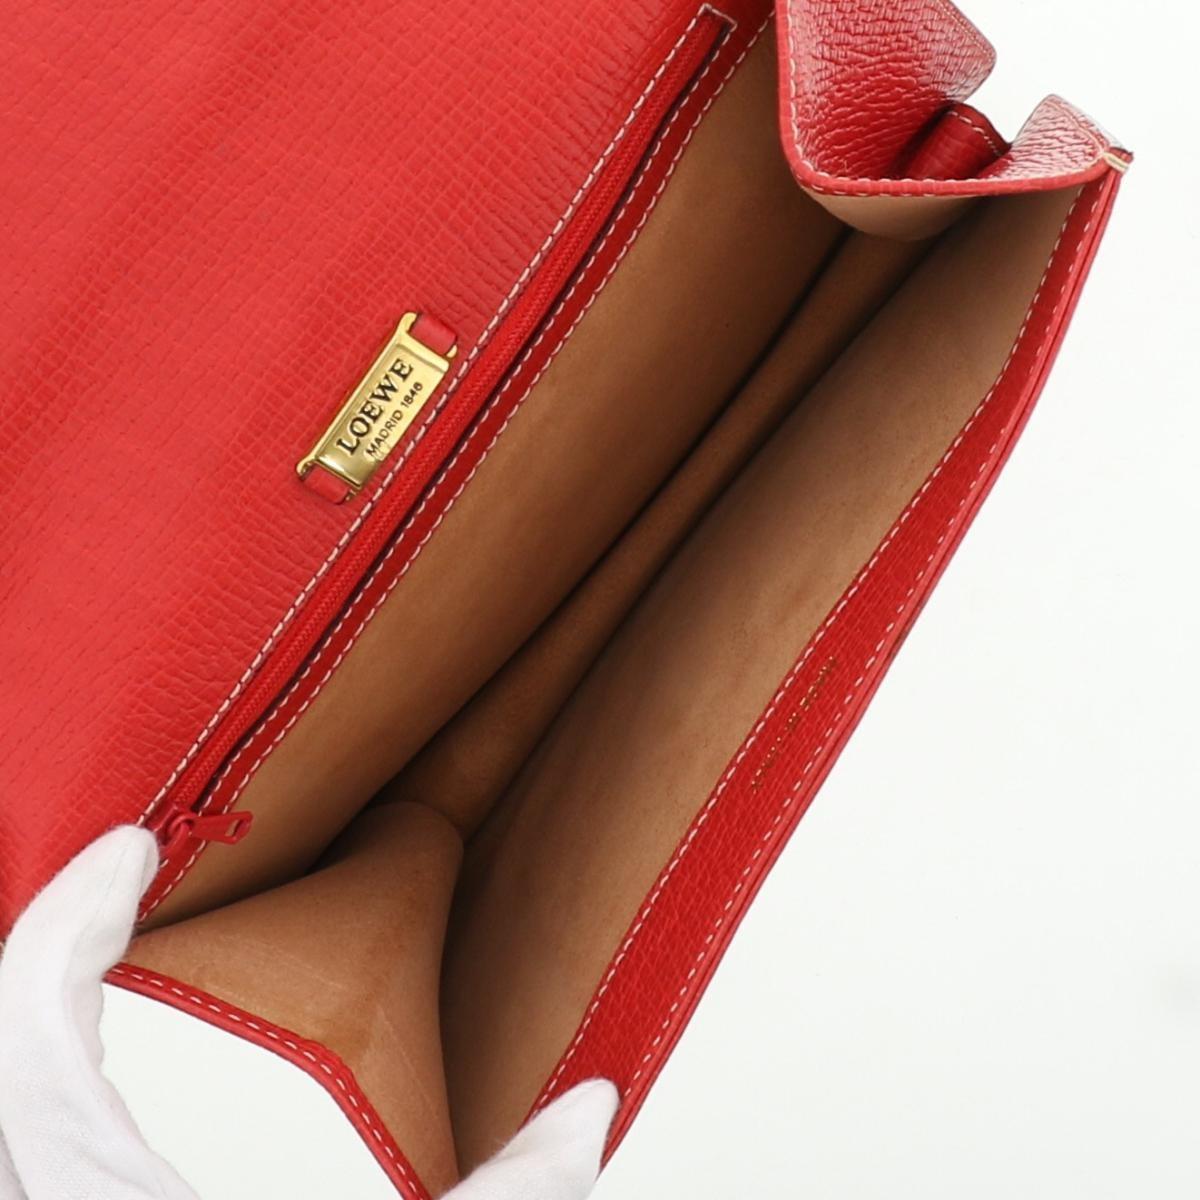 【中古】 LOEWE (ロエベ) クラッチバッグ バッグ セカンドバッグ/ポーチ/クラッチ  レッド